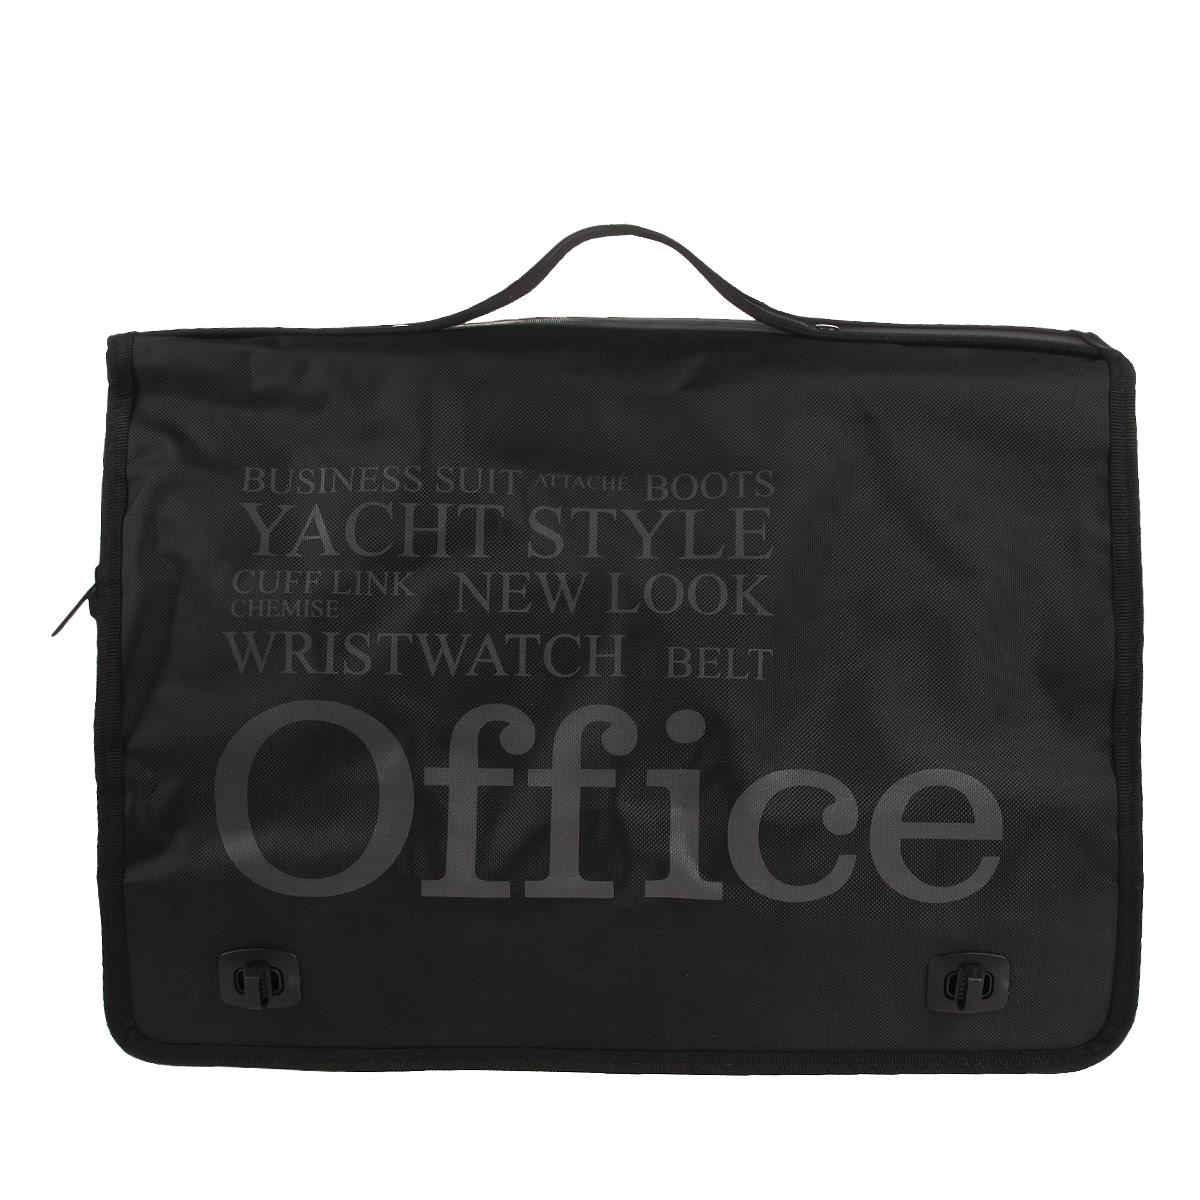 Сумка молодежная Antan Office, цвет: черный. 3-103-10 office полиэстер/черныйСтильная молодежная сумка Antan Office выполнена из прочного полиэстера и оформлена надписями. Изделие закрывается на молнию и сверху широким клапаном на две пластиковые застежки. Внутри - два вместительных отделения. Под клапаном расположены два накладных кармашка. Сумка оснащена ручкой для переноски и съемным плечевым ремнем регулируемой длины. Сумка - это стильный аксессуар, который подчеркнет вашу изысканность и индивидуальность и сделает ваш образ завершенным.